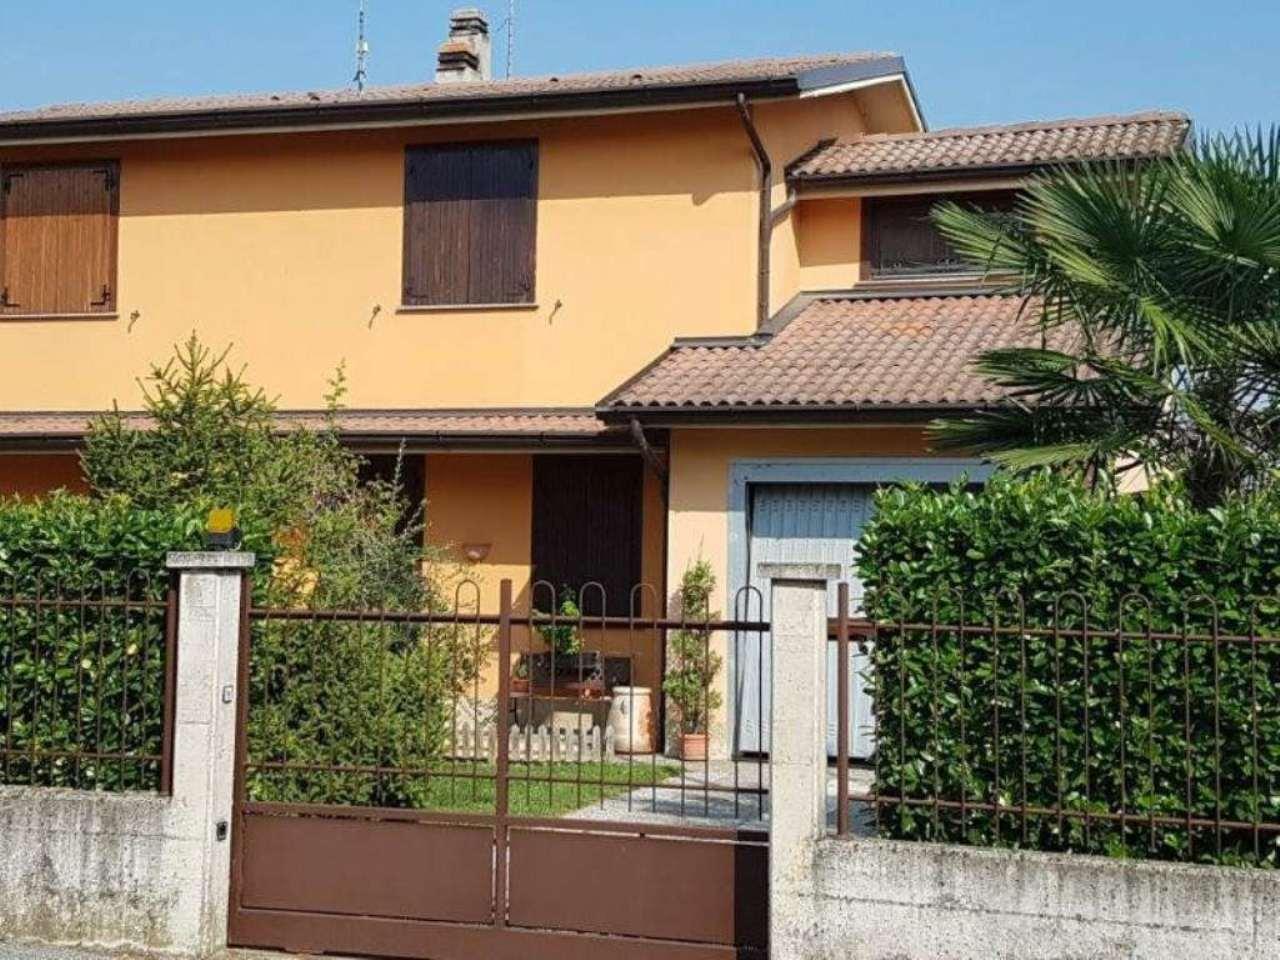 Villa Bifamiliare in vendita a Crema, 4 locali, prezzo € 180.000 | Cambio Casa.it